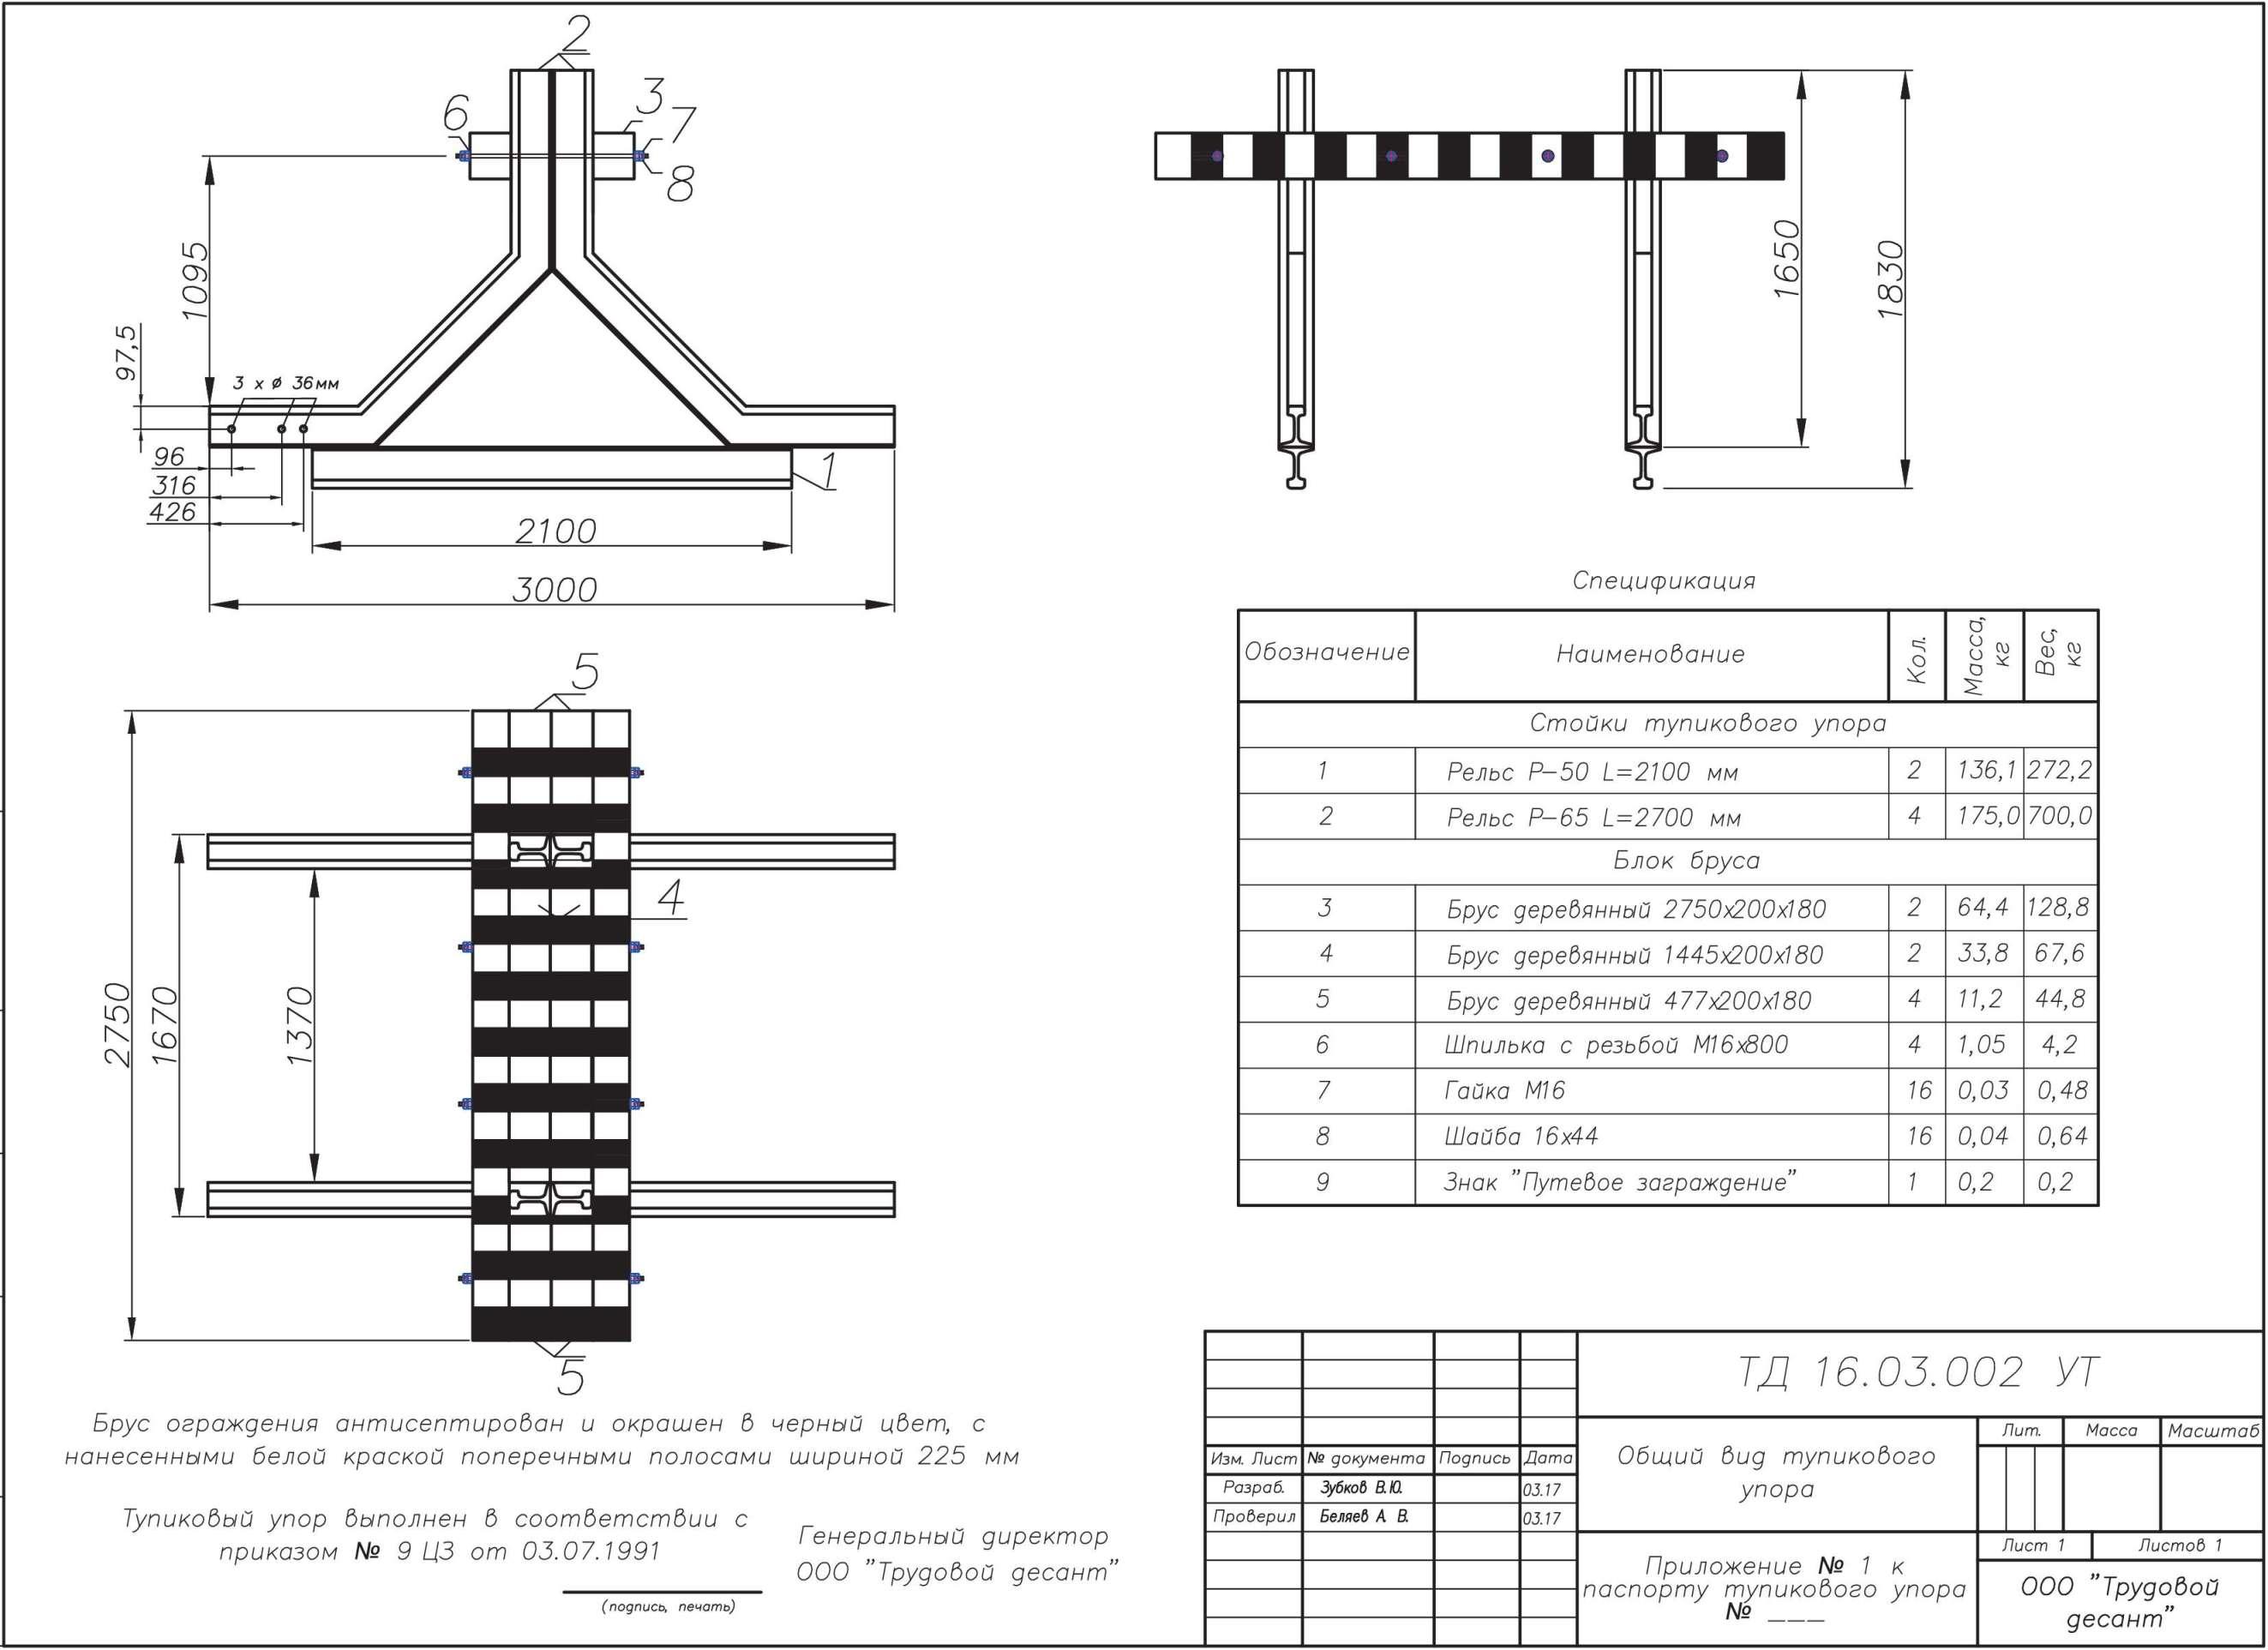 Чертёж 1 Железнодорожный рельсовый путевой тупиковый упор